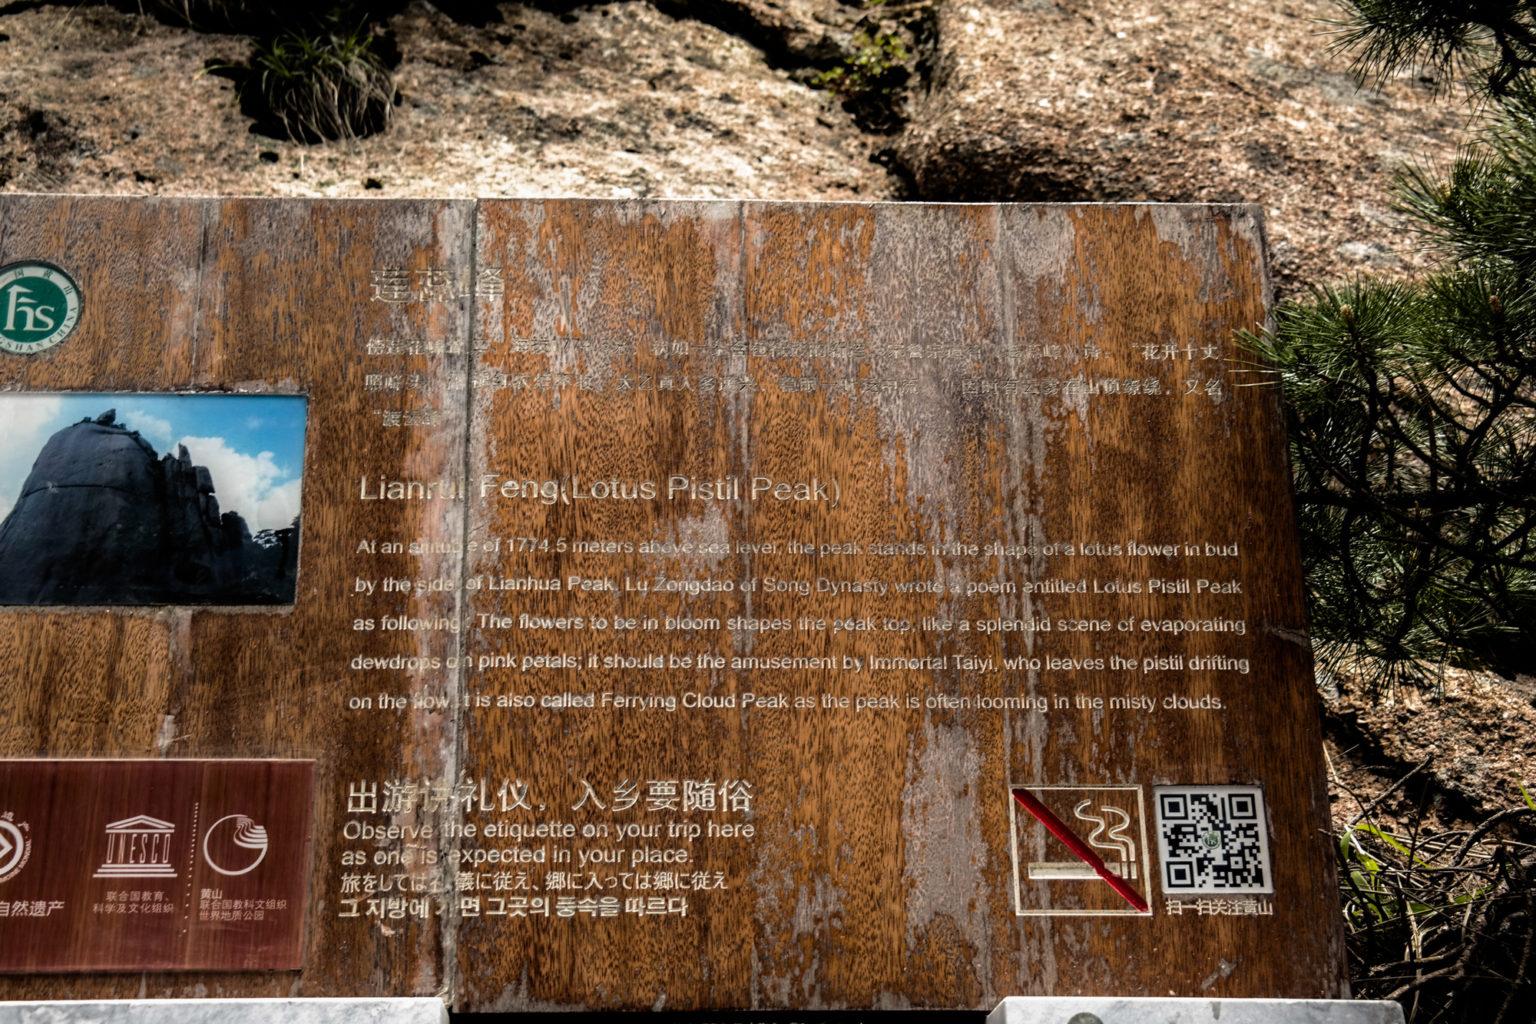 Lianhua feng peak